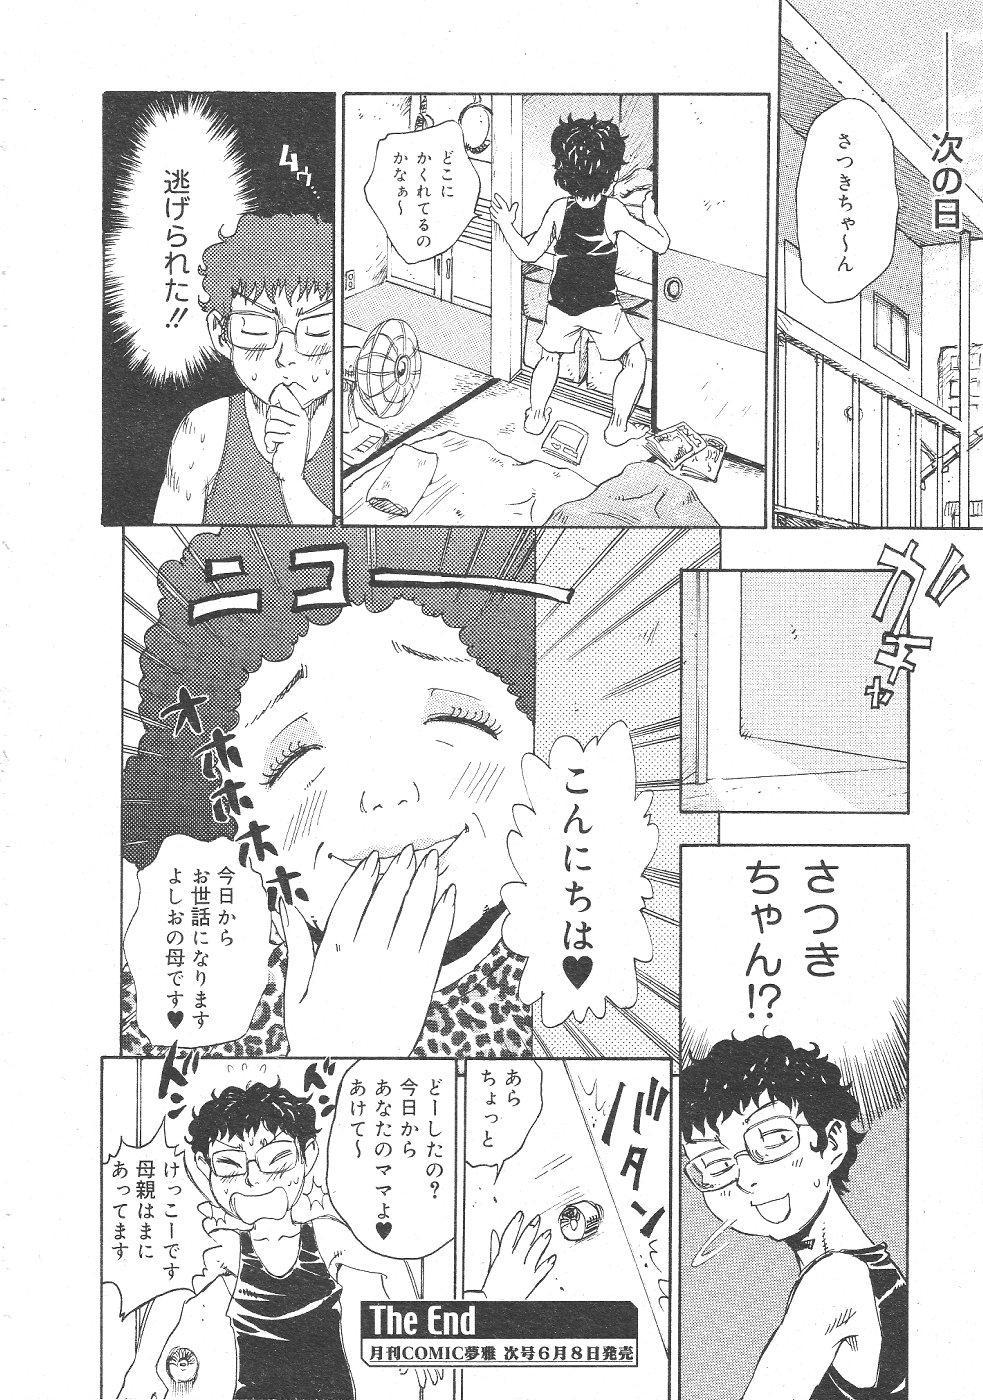 Gekkan Comic Muga 2004-06 Vol.10 345